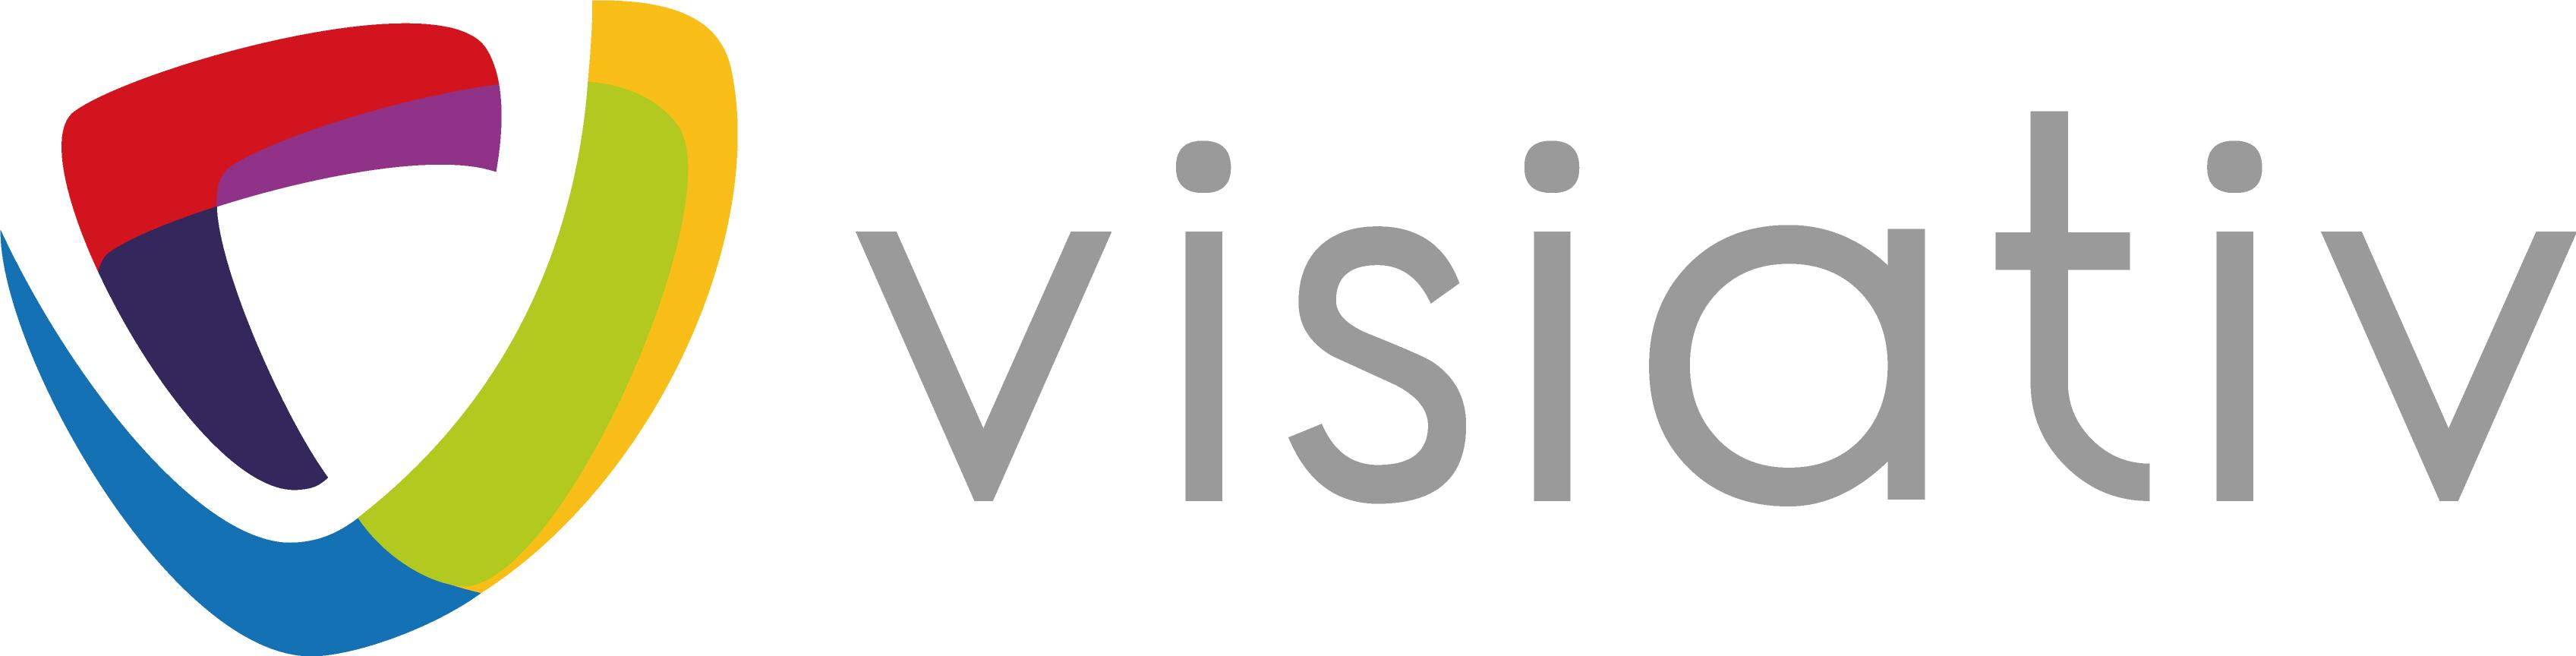 VISIATIV